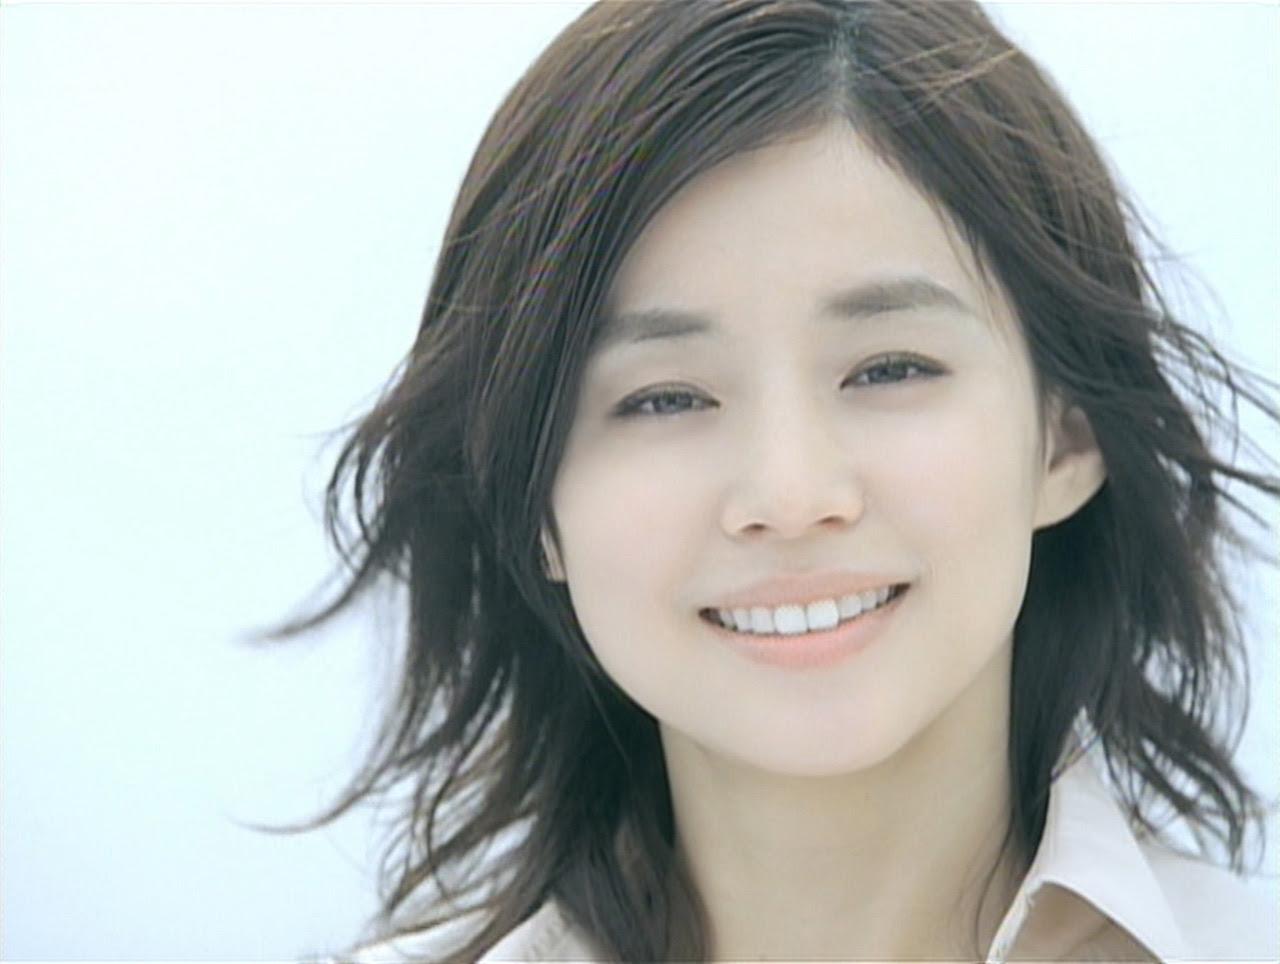 石田ゆり子の画像 原寸画像検索